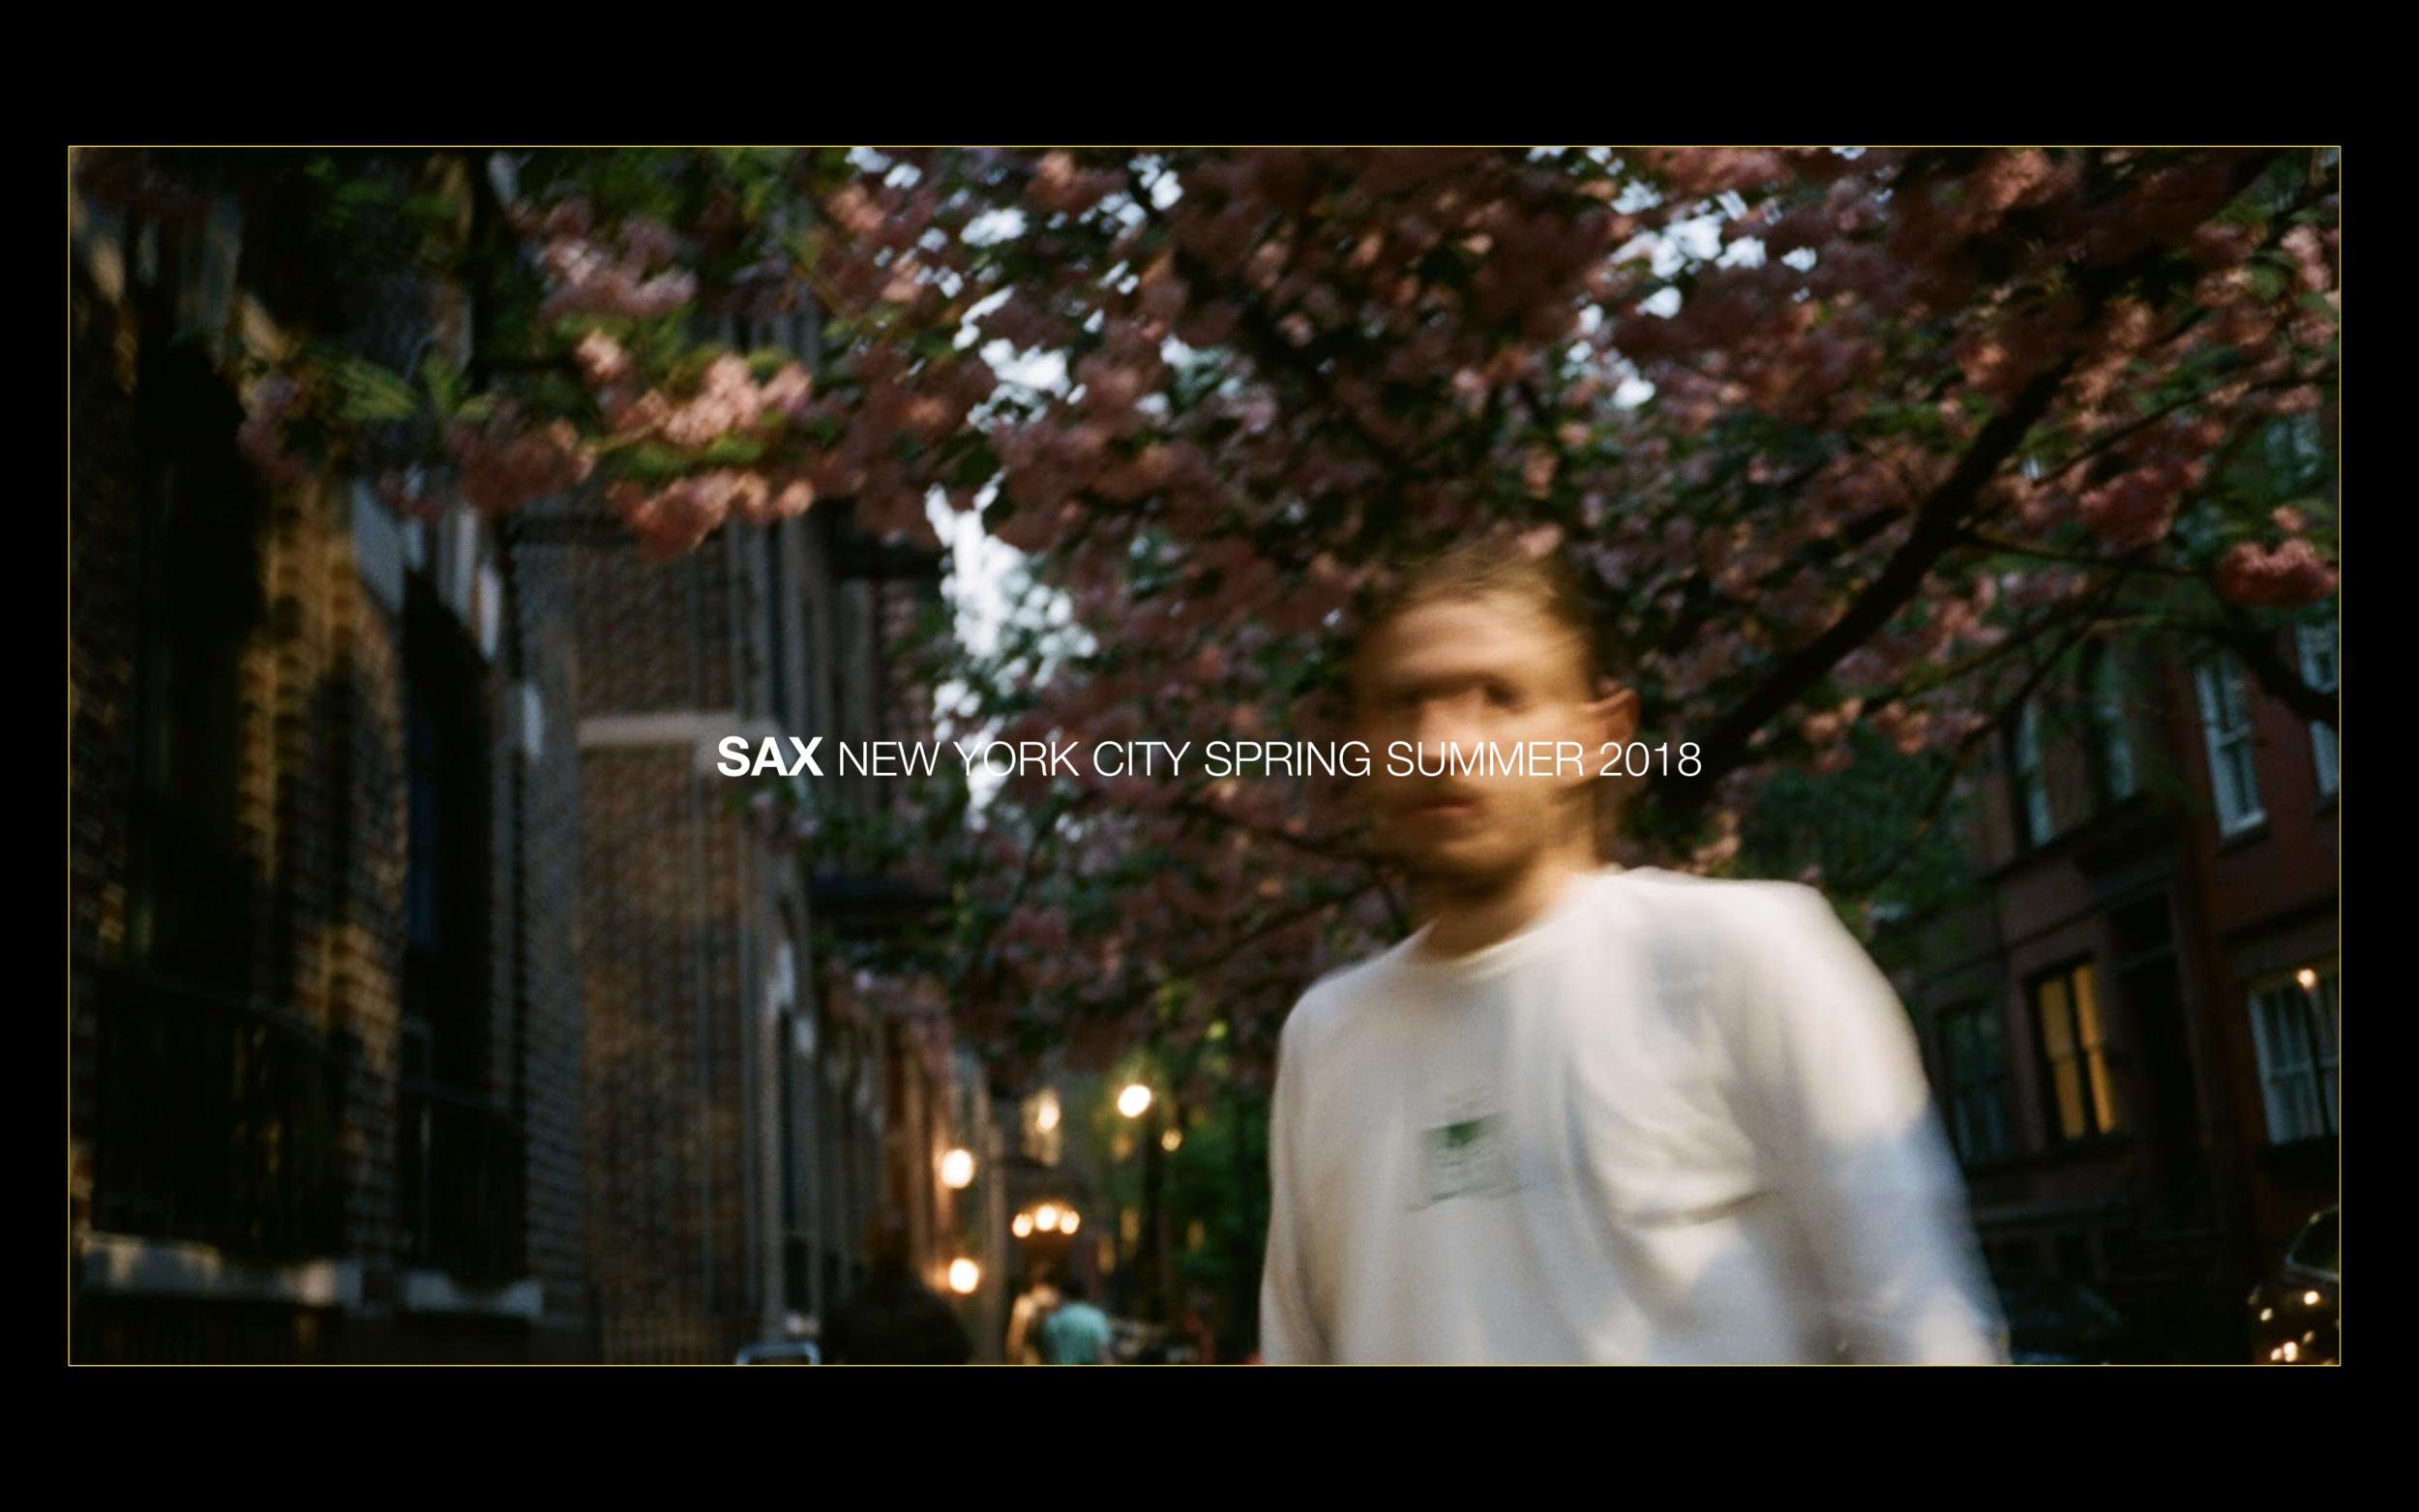 Screen Shot 2018-06-04 at 6.42.35 PM.png